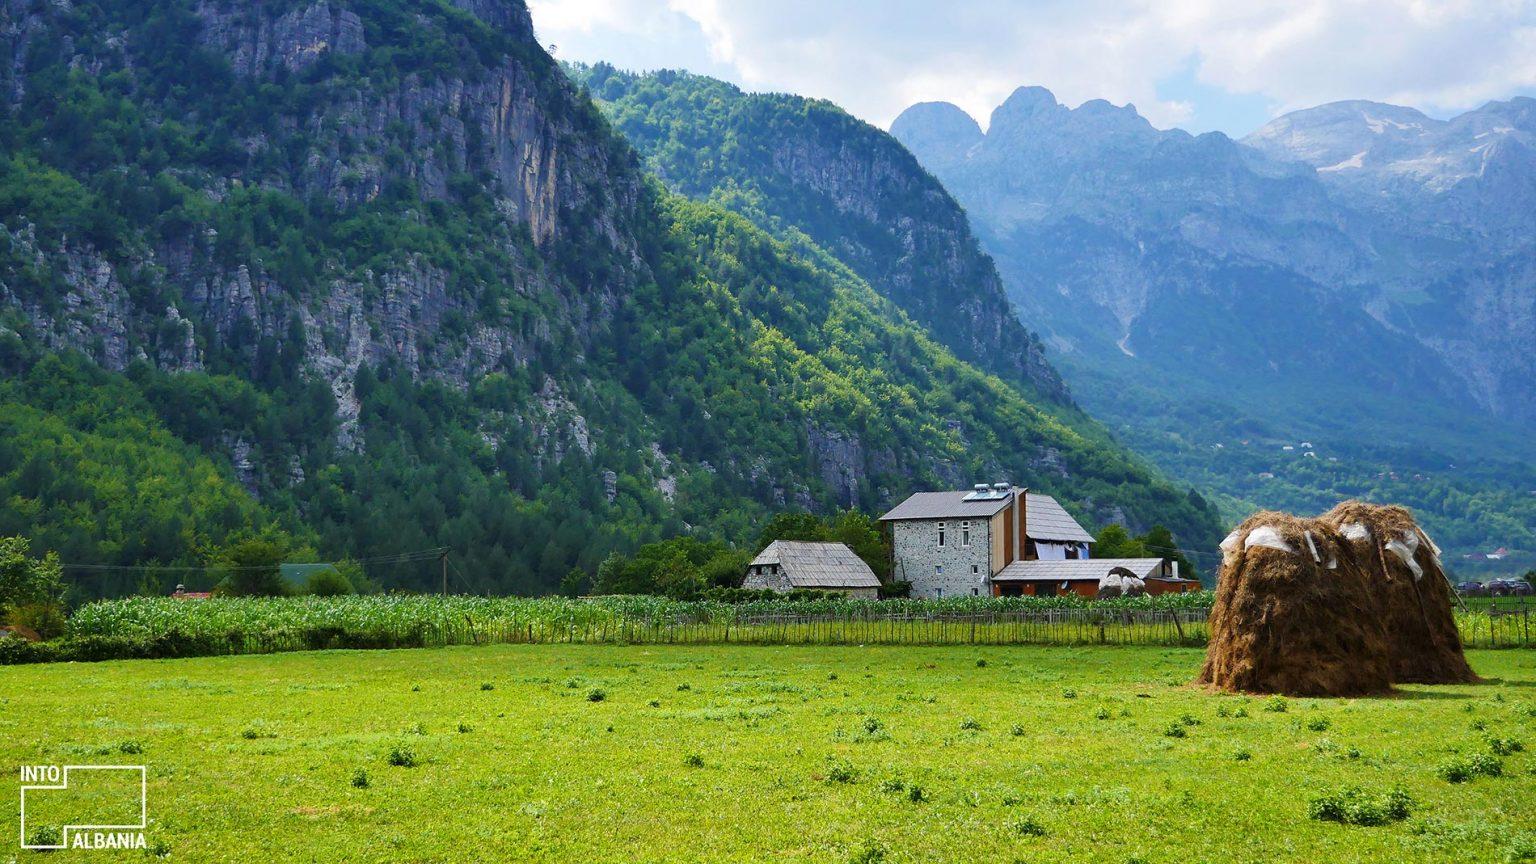 Theth National Park, Shkodra, photo by IntoAlbania.